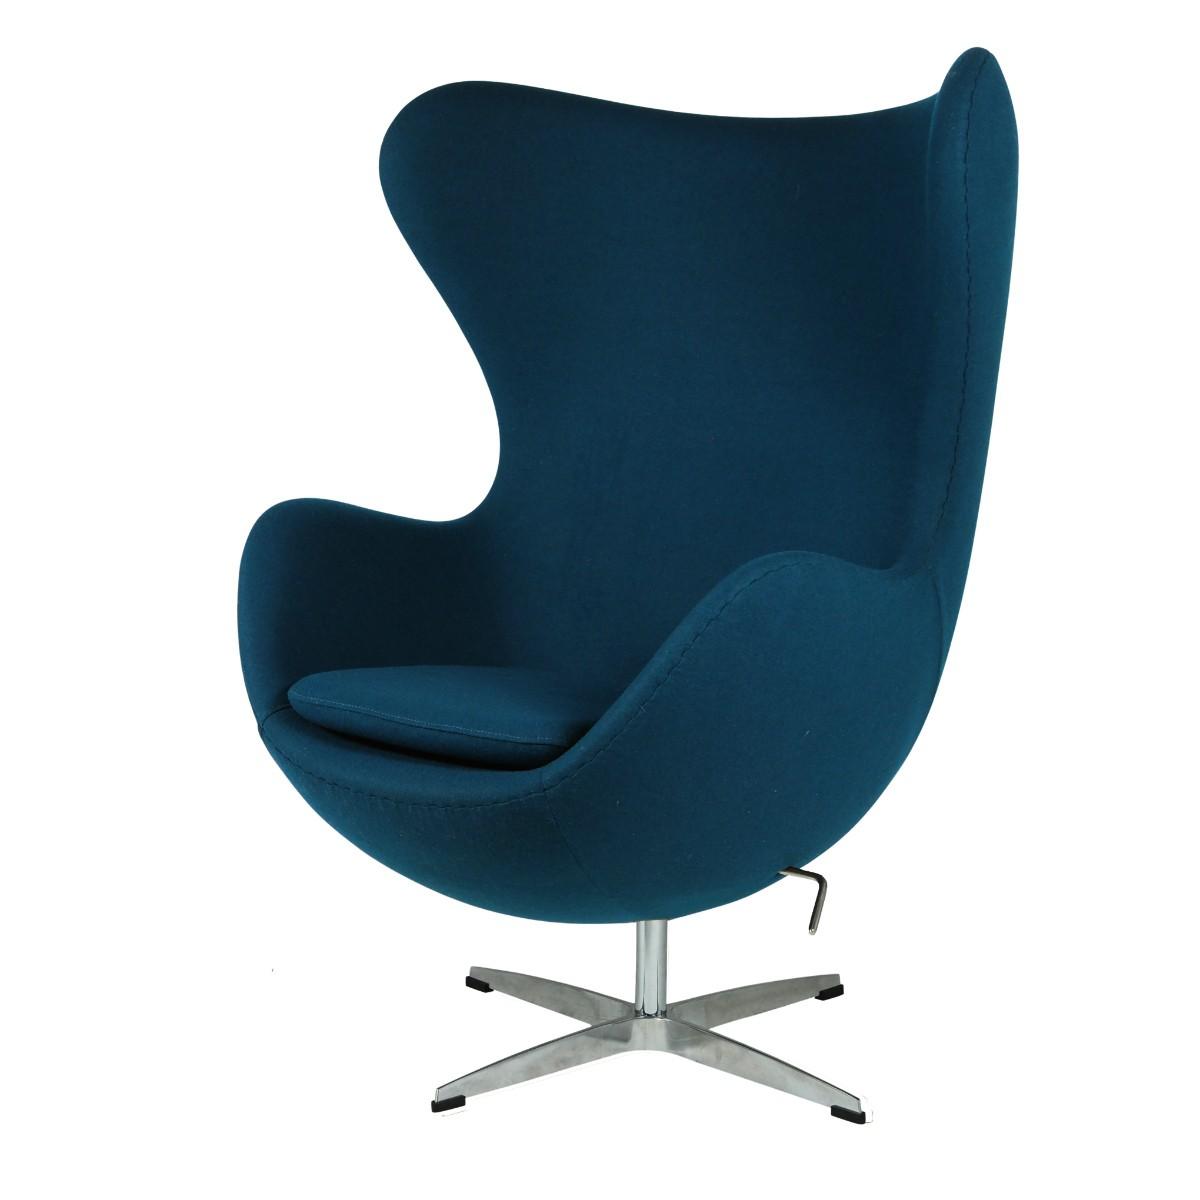 Arne Jacobsen Egg Chair.Arne Jacobsen Lounge Chair Egg Chair Darkblue